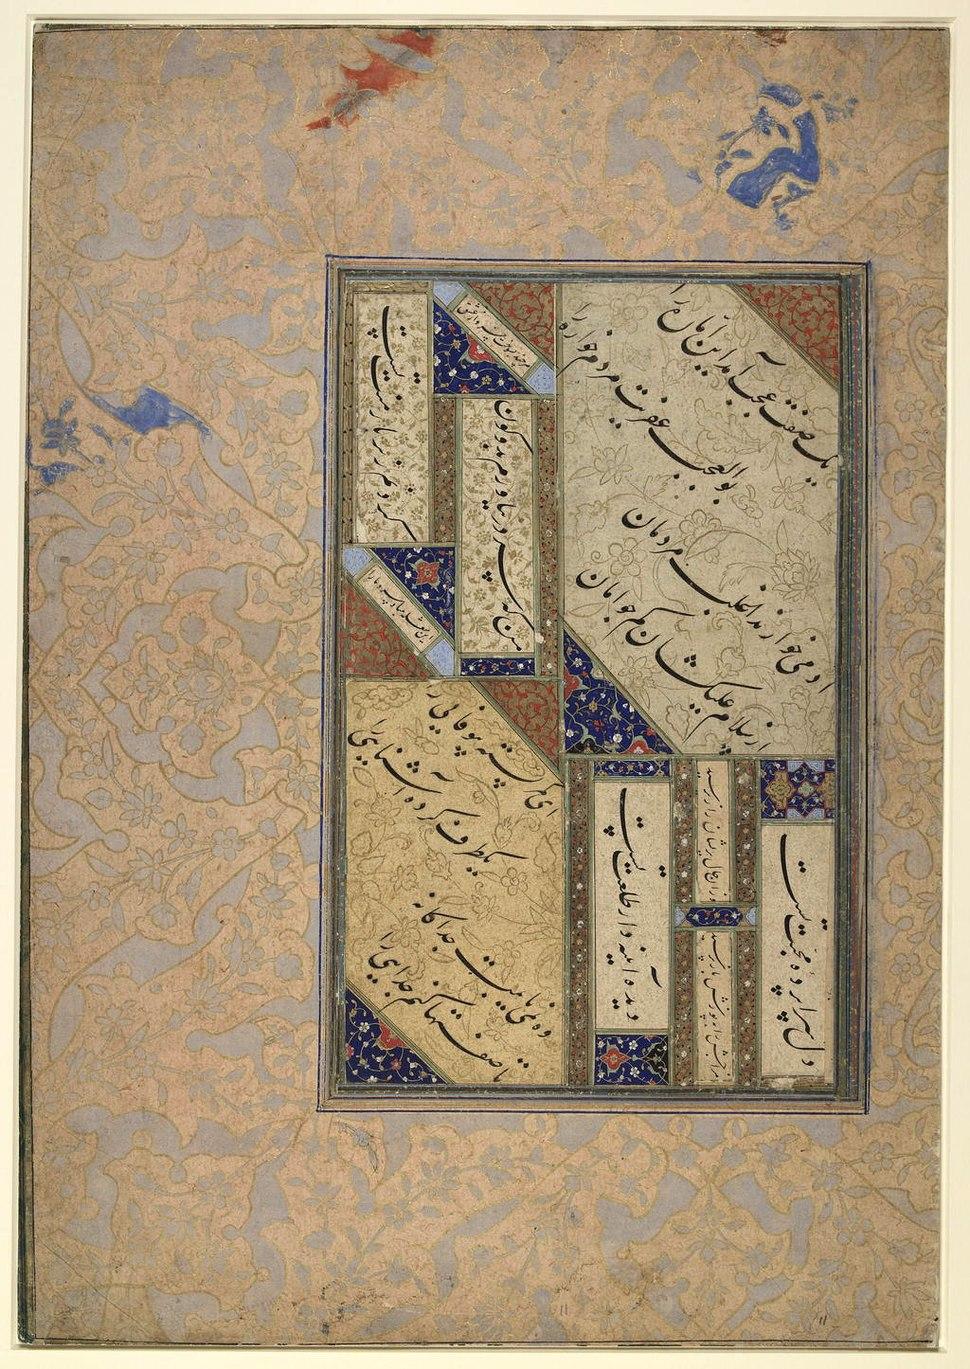 Ruba'is by Hafiz - Nasta'liq script